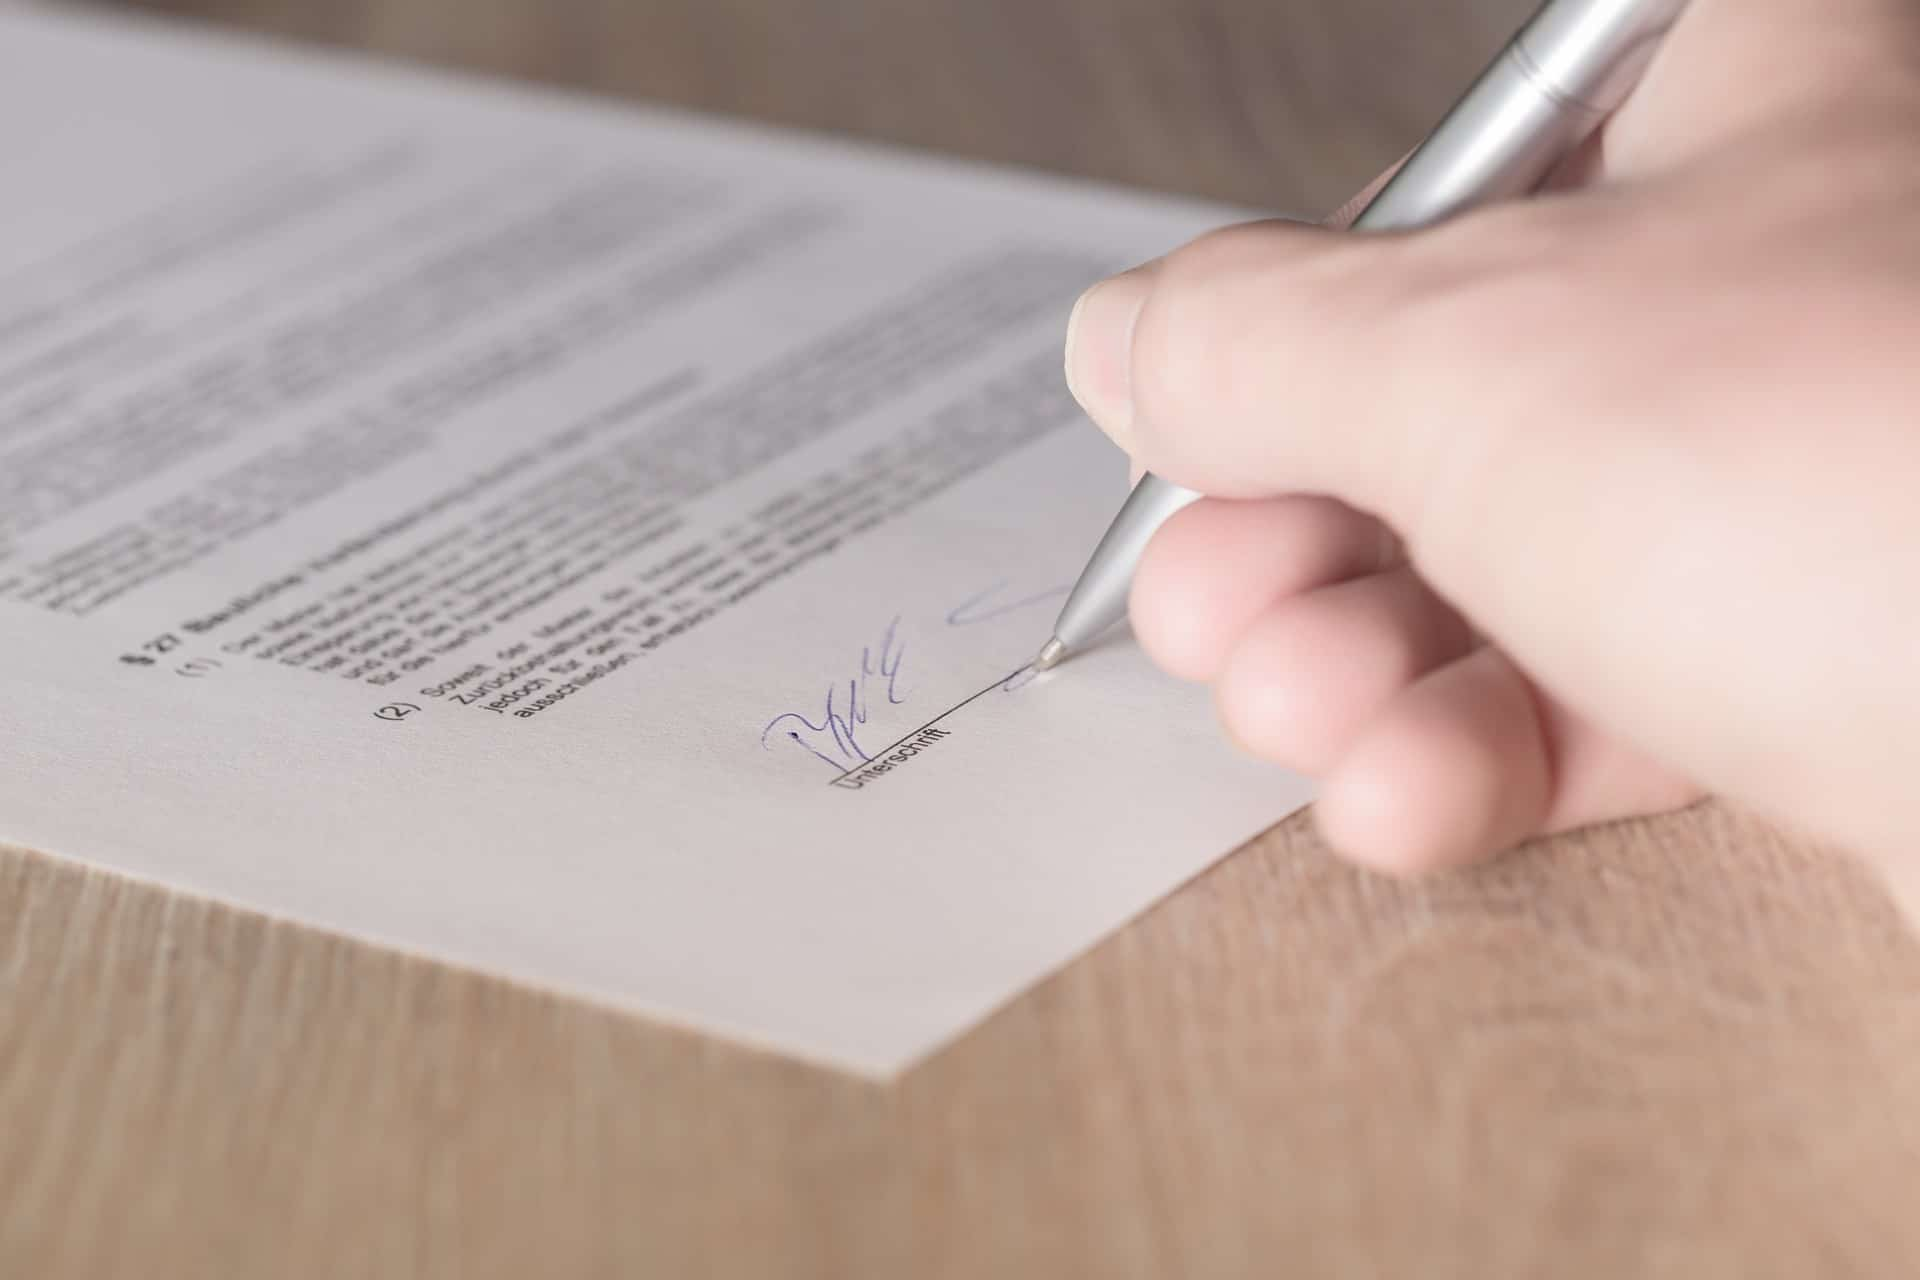 Ein Arbeitsvertrag Was Darf Und Was Muss Drinstehen